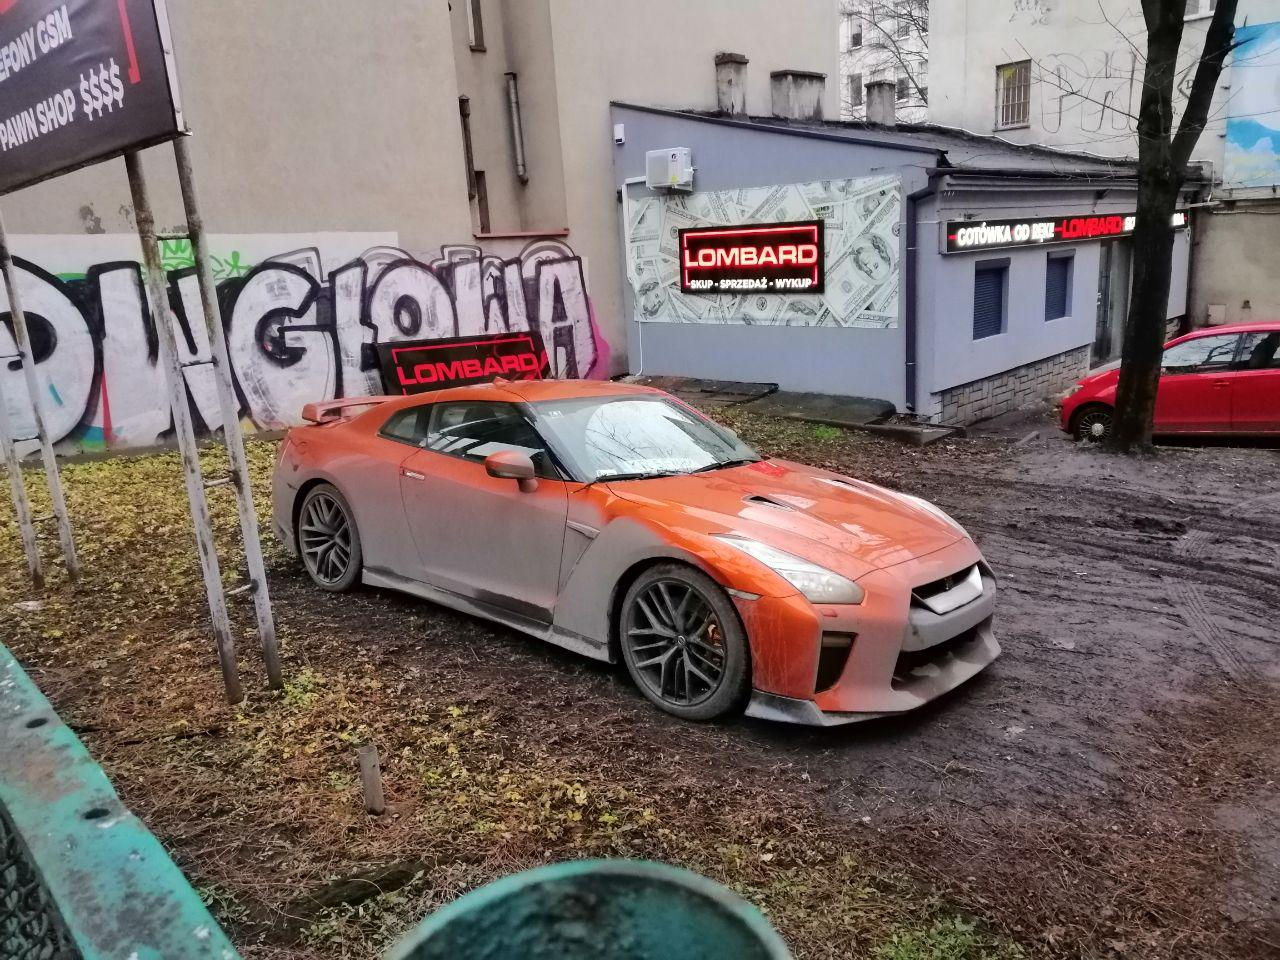 Новость одной картинкой: Nissan GT-R сдали в ломбард